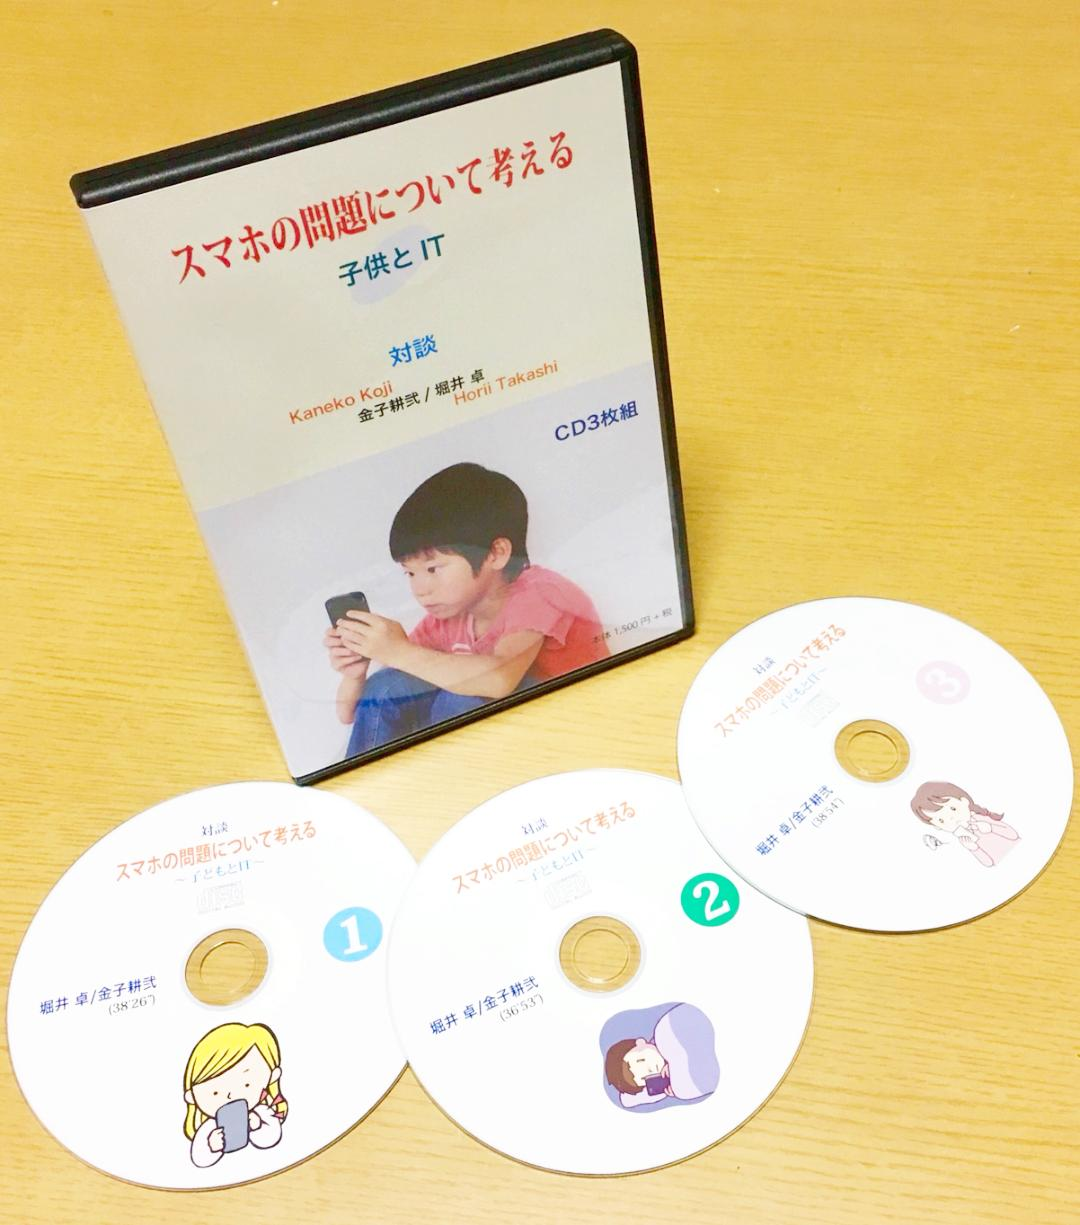 ITの専門家と金子耕弐の対談CD3枚とブックレット画像